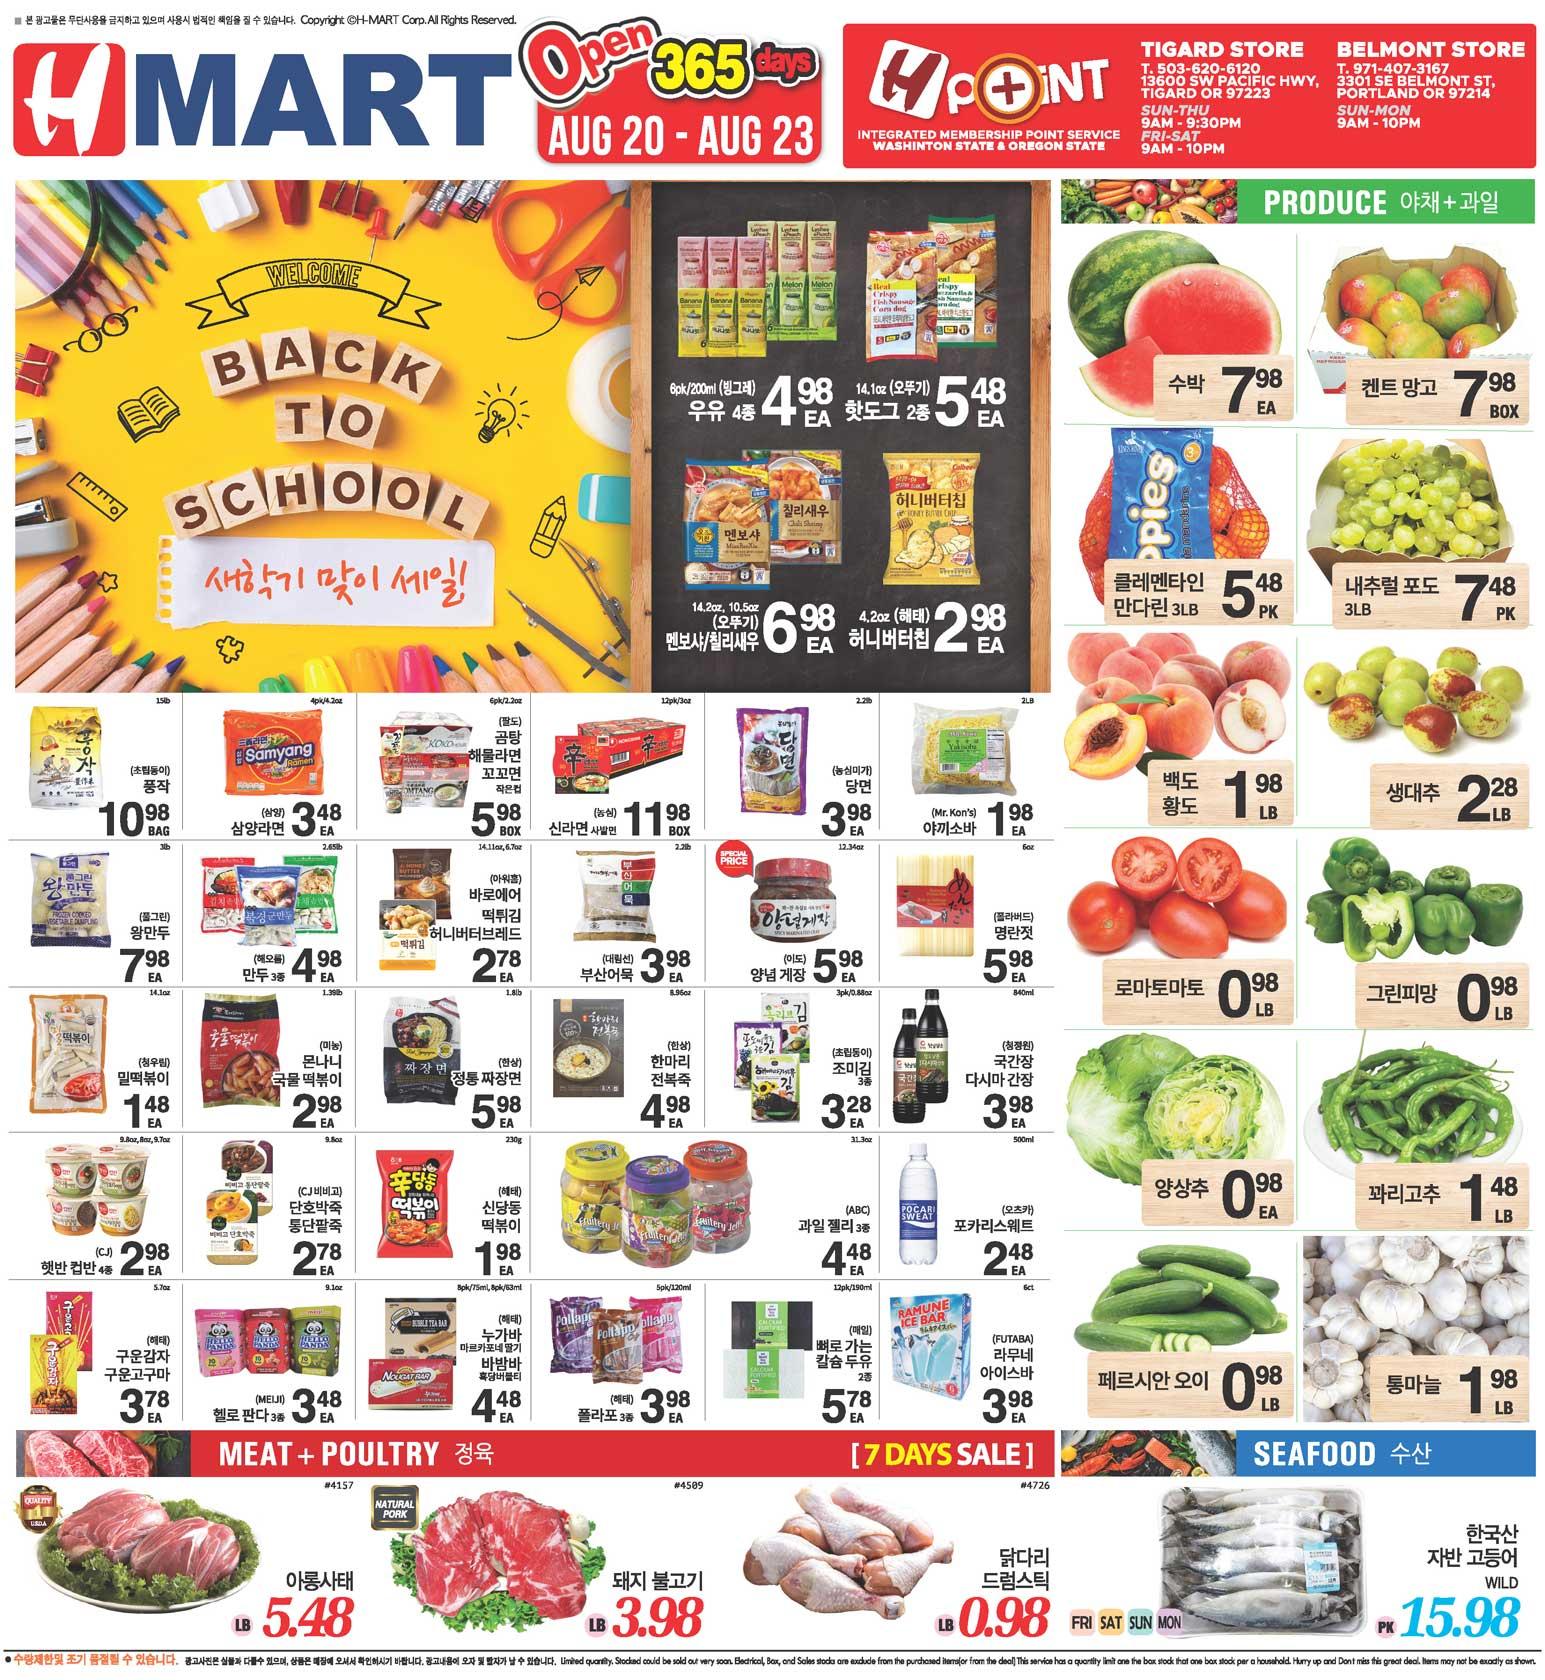 Hmart Portland Weekly Ad - Tigard 08-20-2021